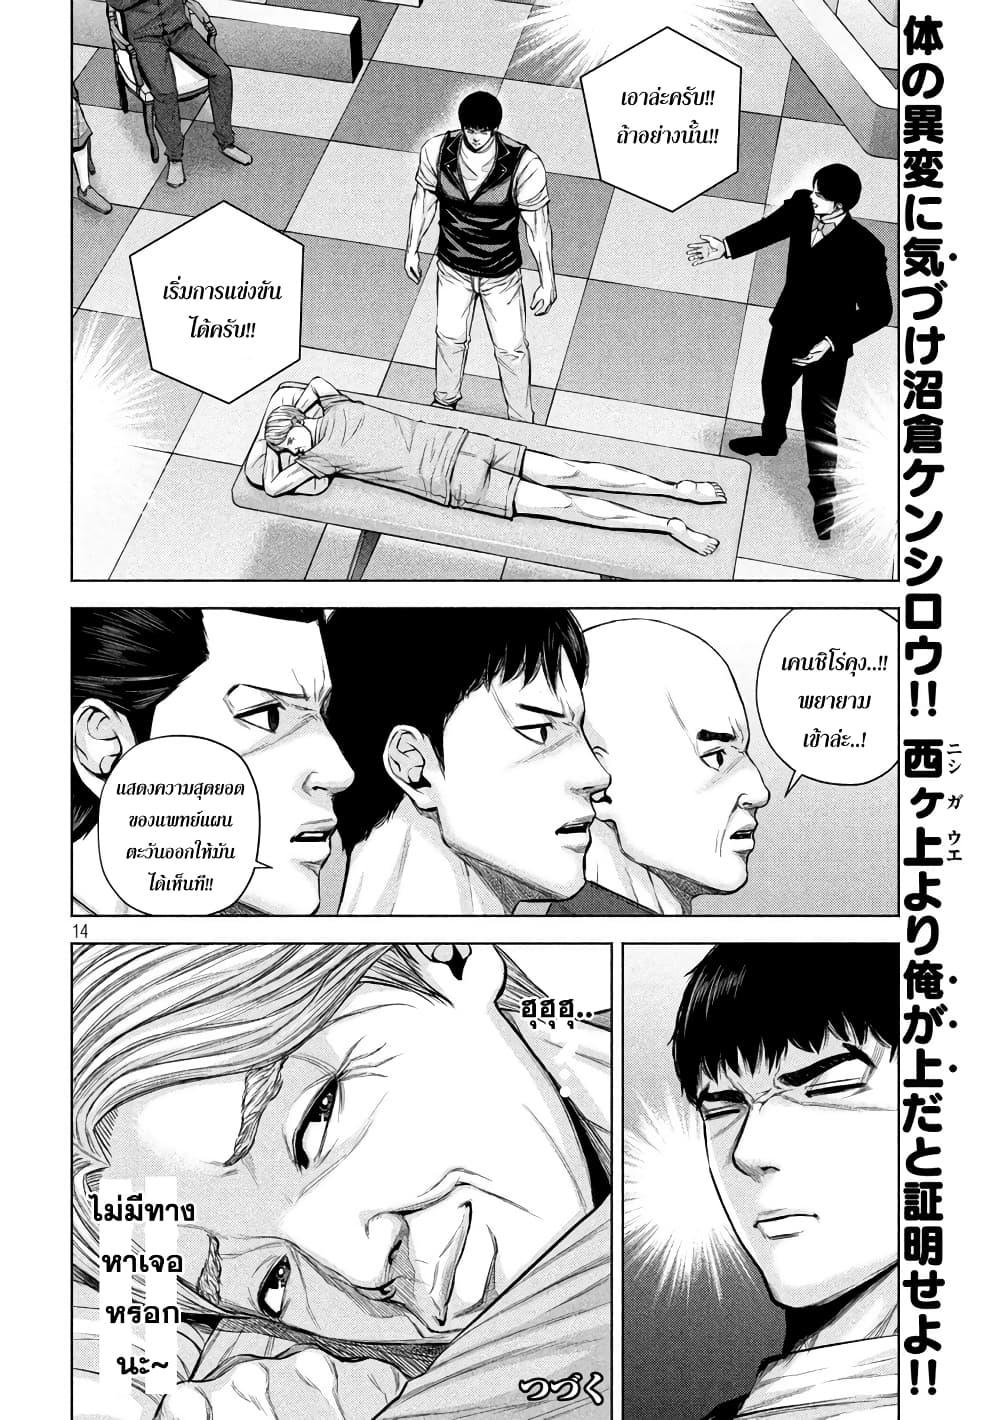 อ่านการ์ตูน Kenshirou ni Yoroshiku ตอนที่ 28 หน้าที่ 14